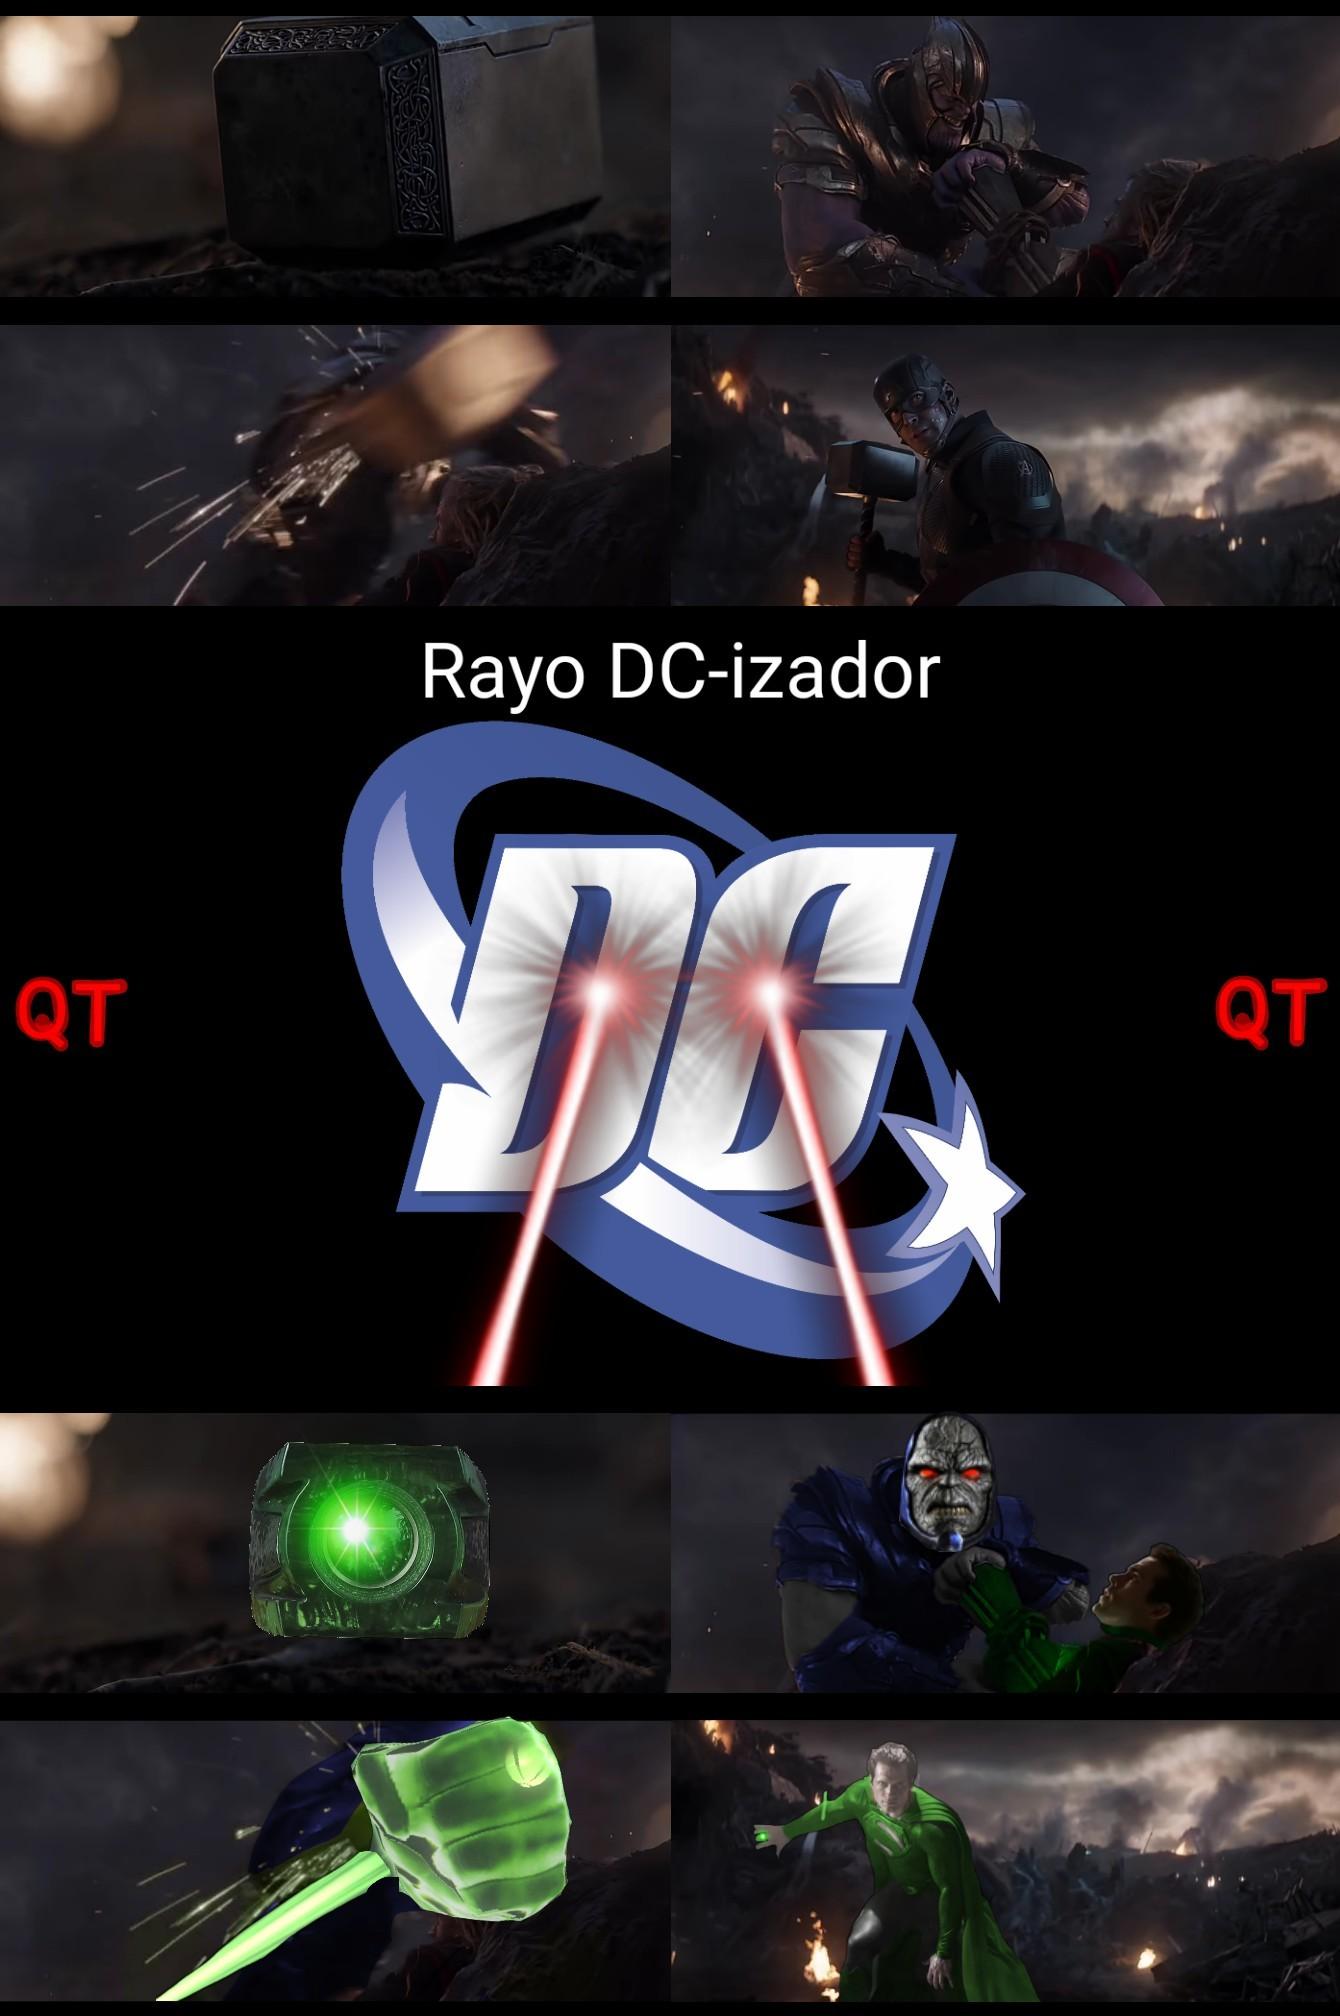 Rayo DC izador 2 - meme